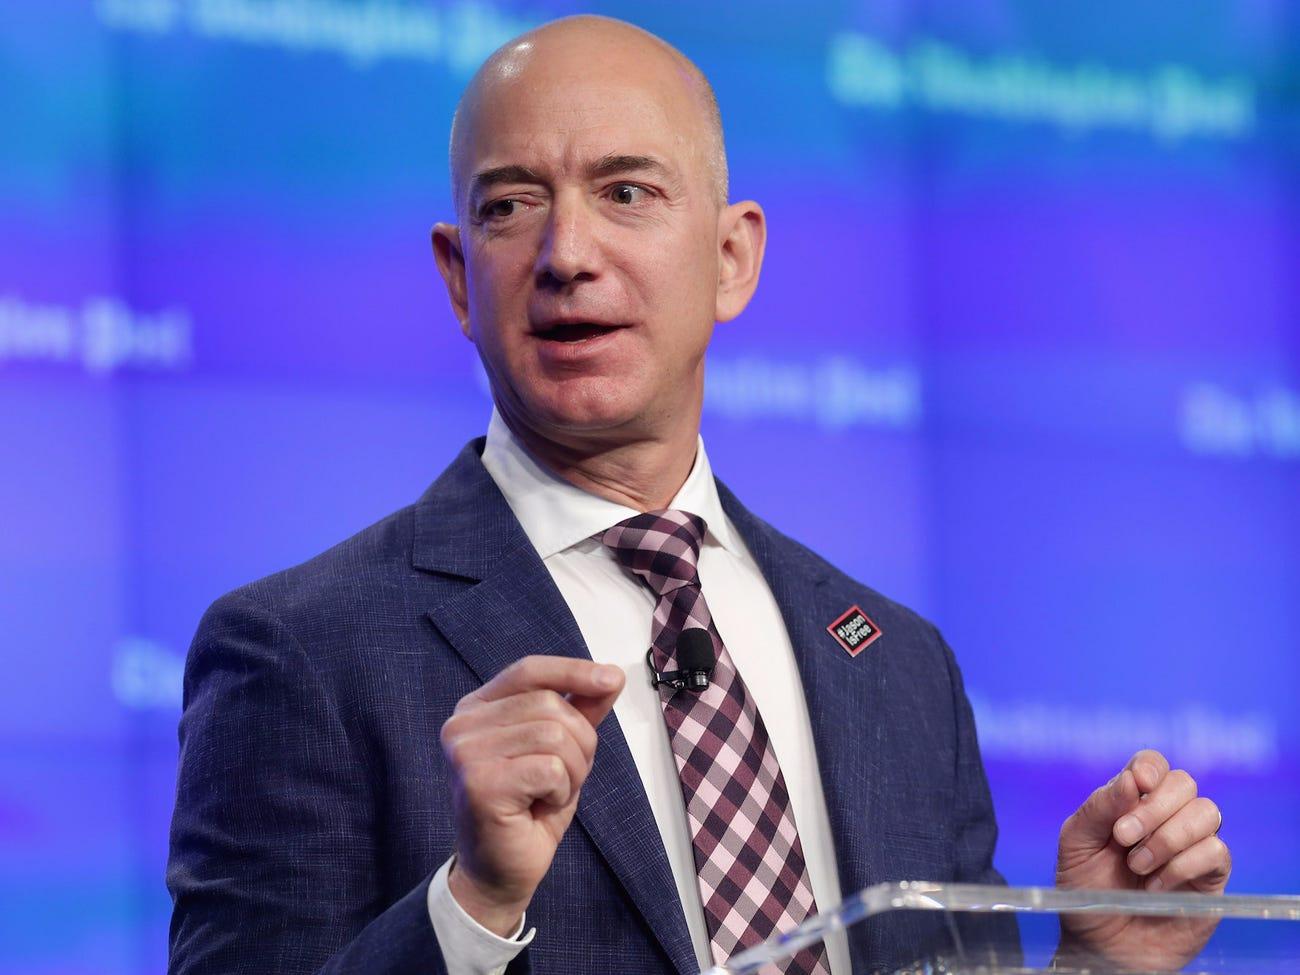 7 trong 10 người giàu nhất thế giới là tỷ phú công nghệ